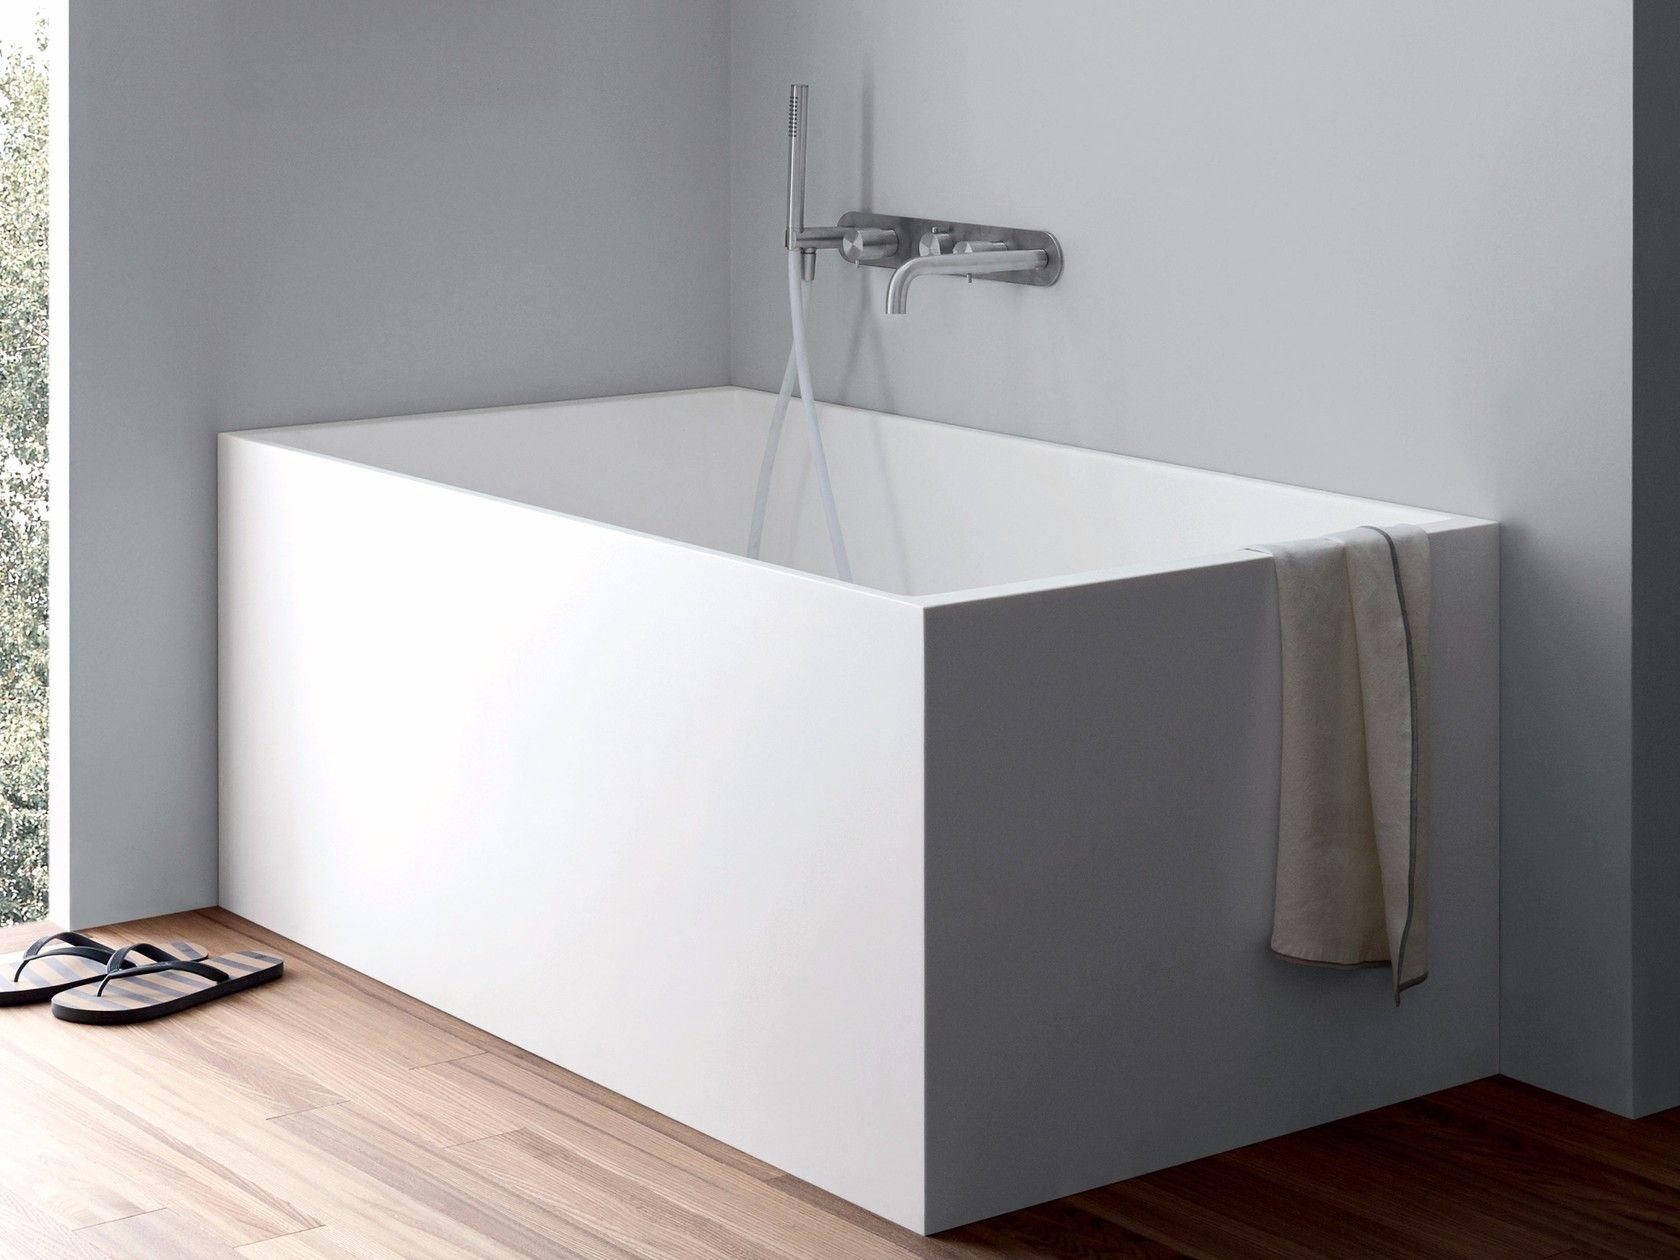 Vasca Da Bagno Rettangolare In Corian Unico Mini By Rexa Design